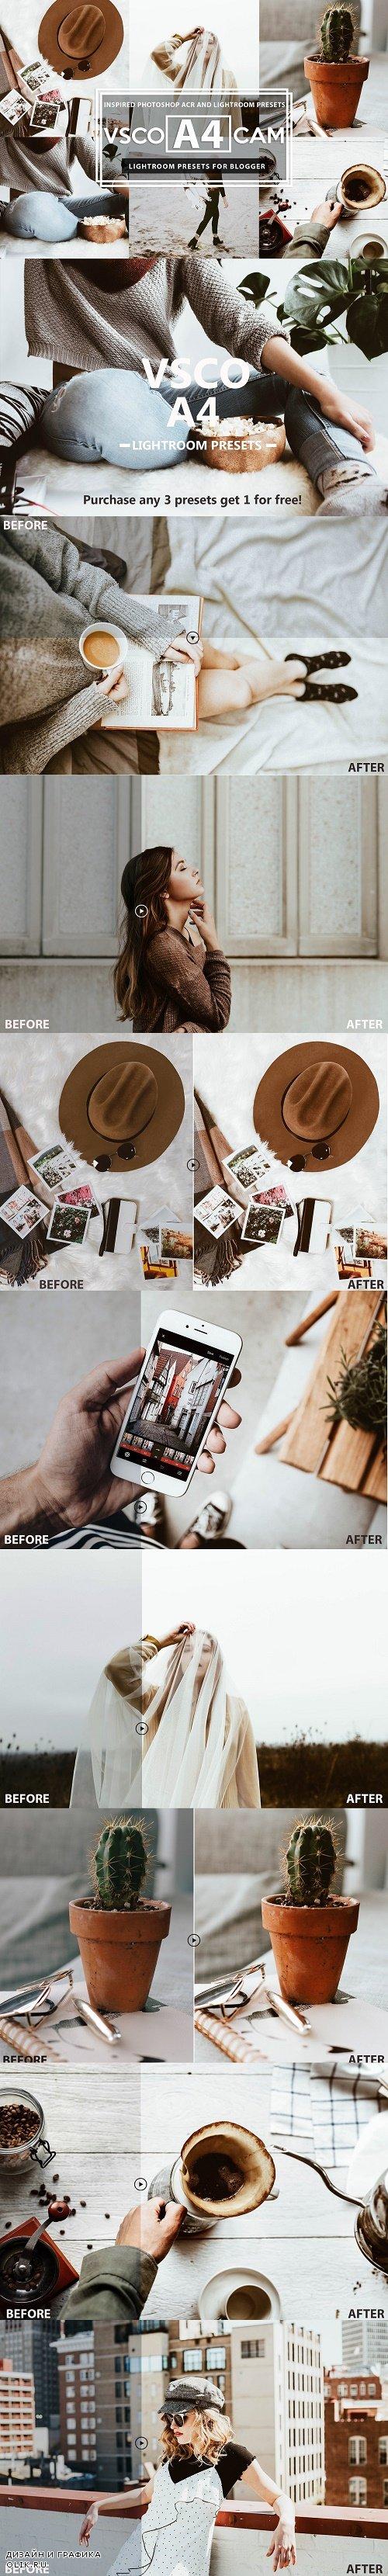 VSCO Cam A4 Inspired For blogger - 2530667